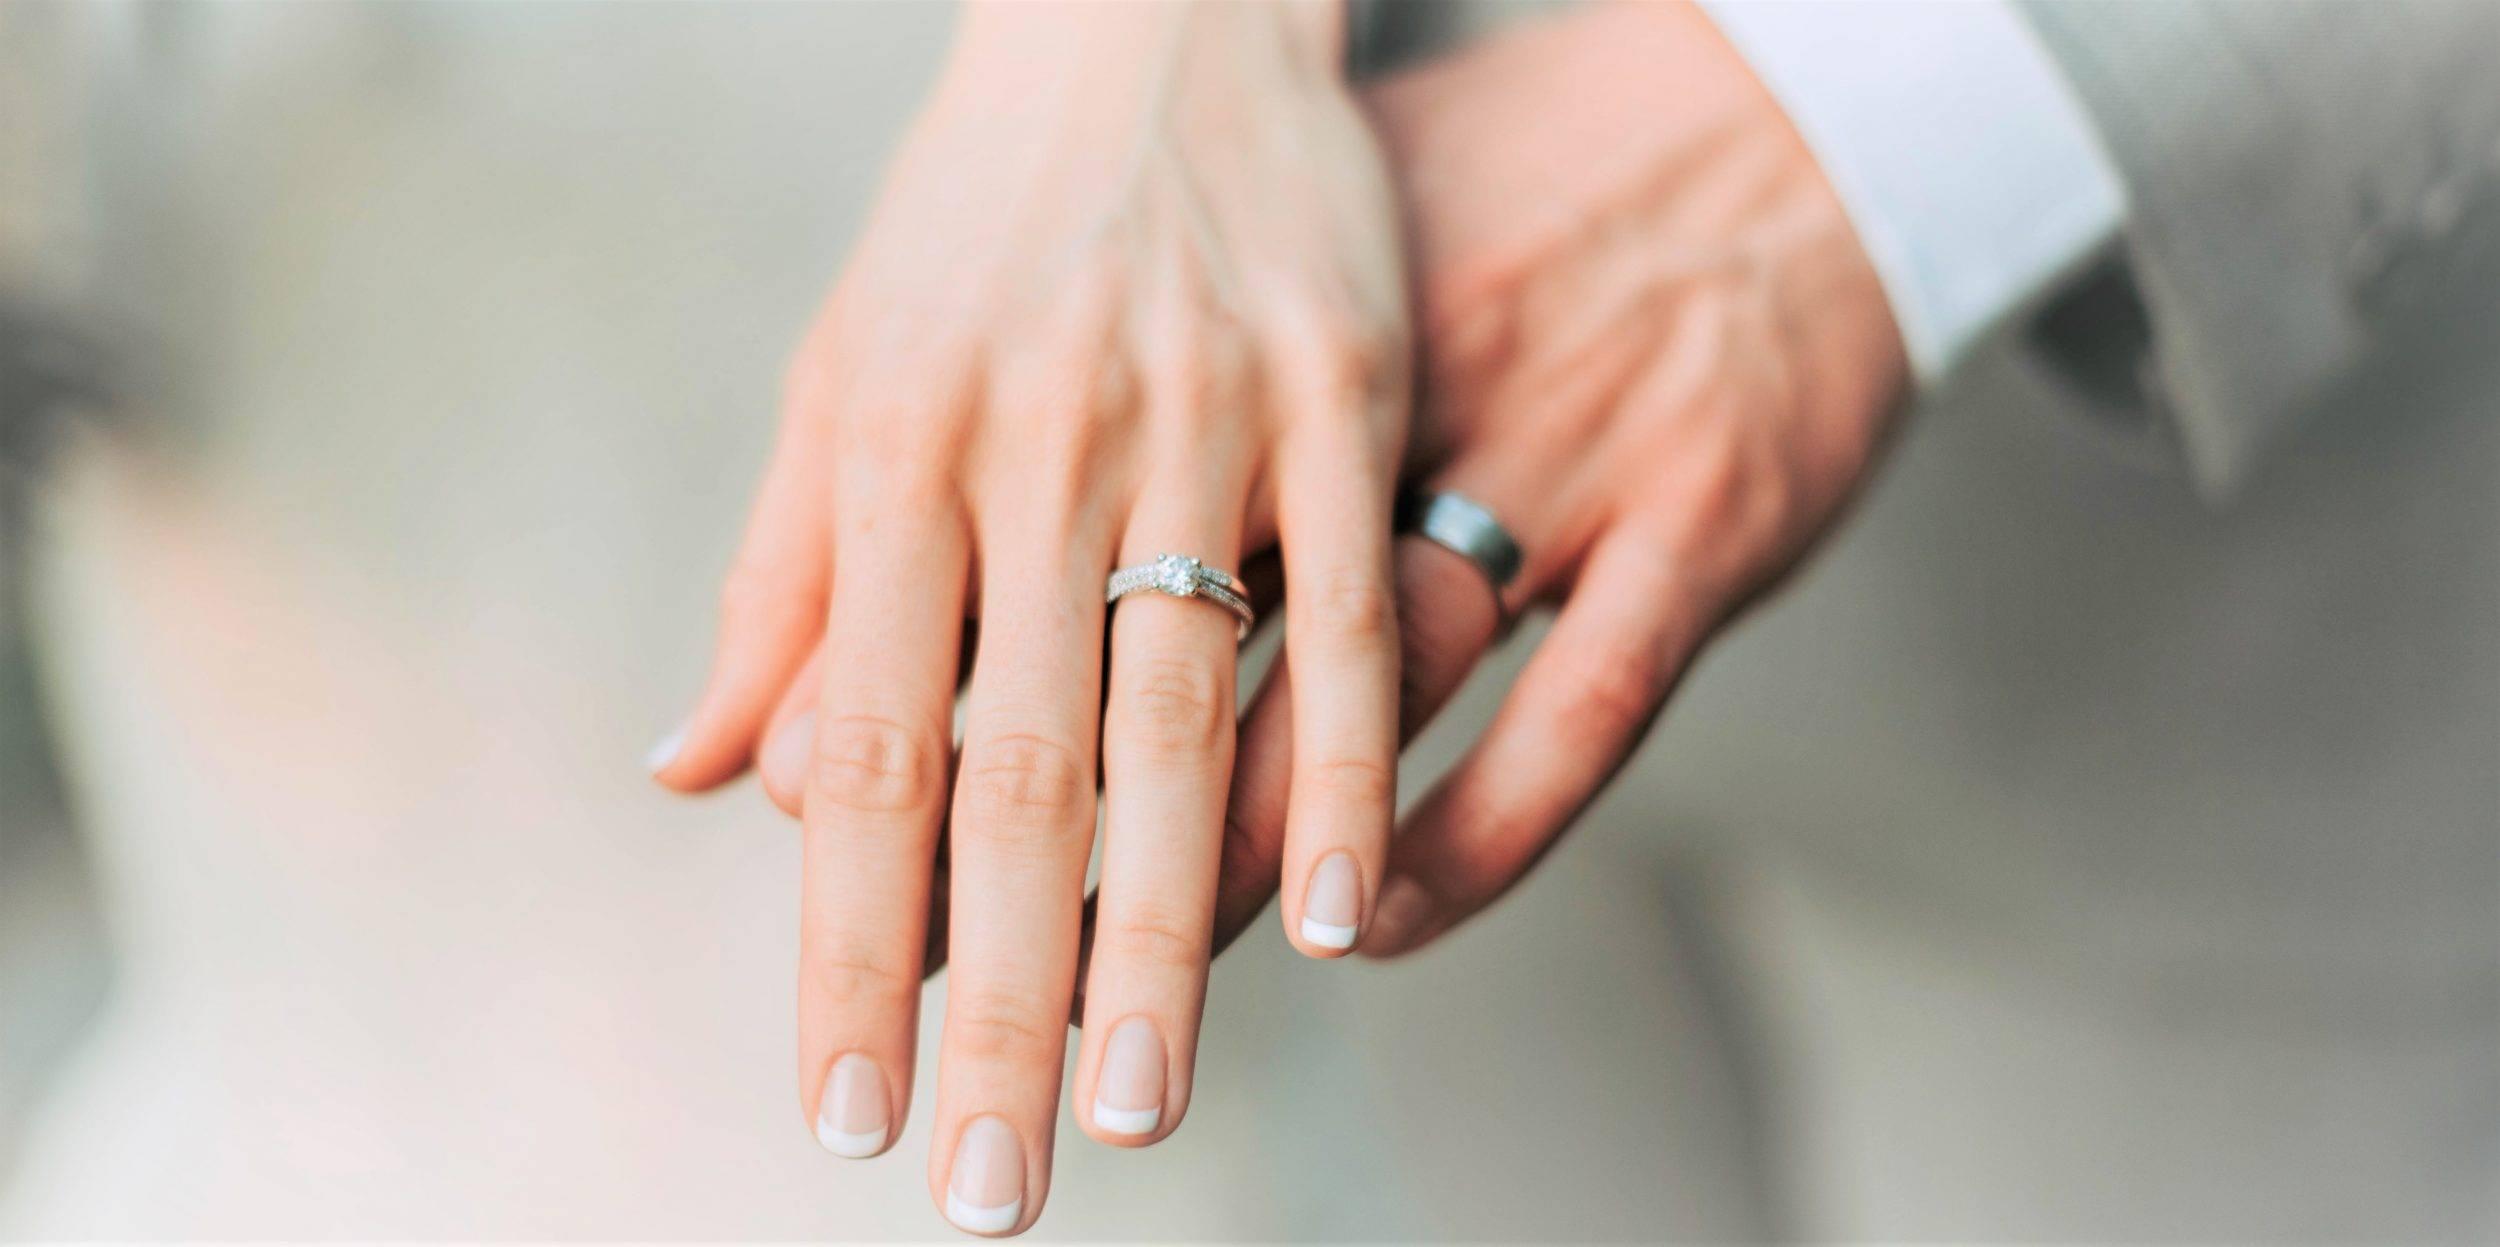 www.juicysantos.com.br - aliança de casamento ou aliança de noivado qual é a diferença